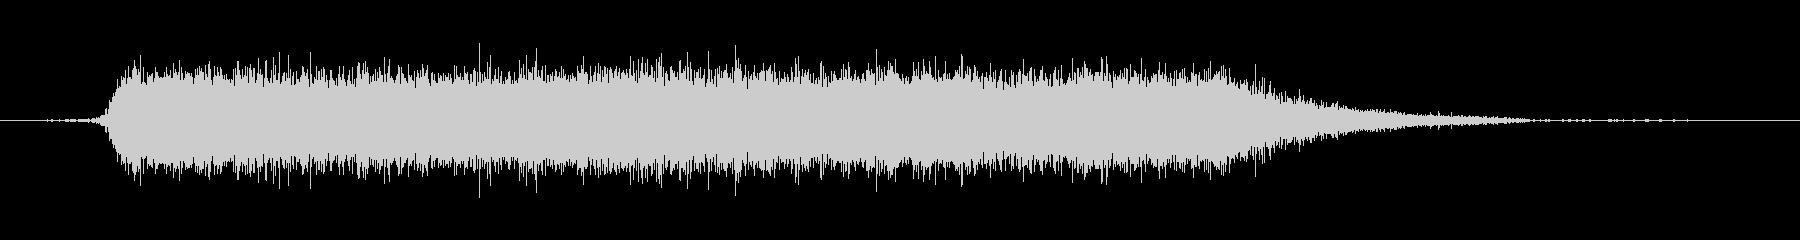 工具_ドリルの動作音1の未再生の波形